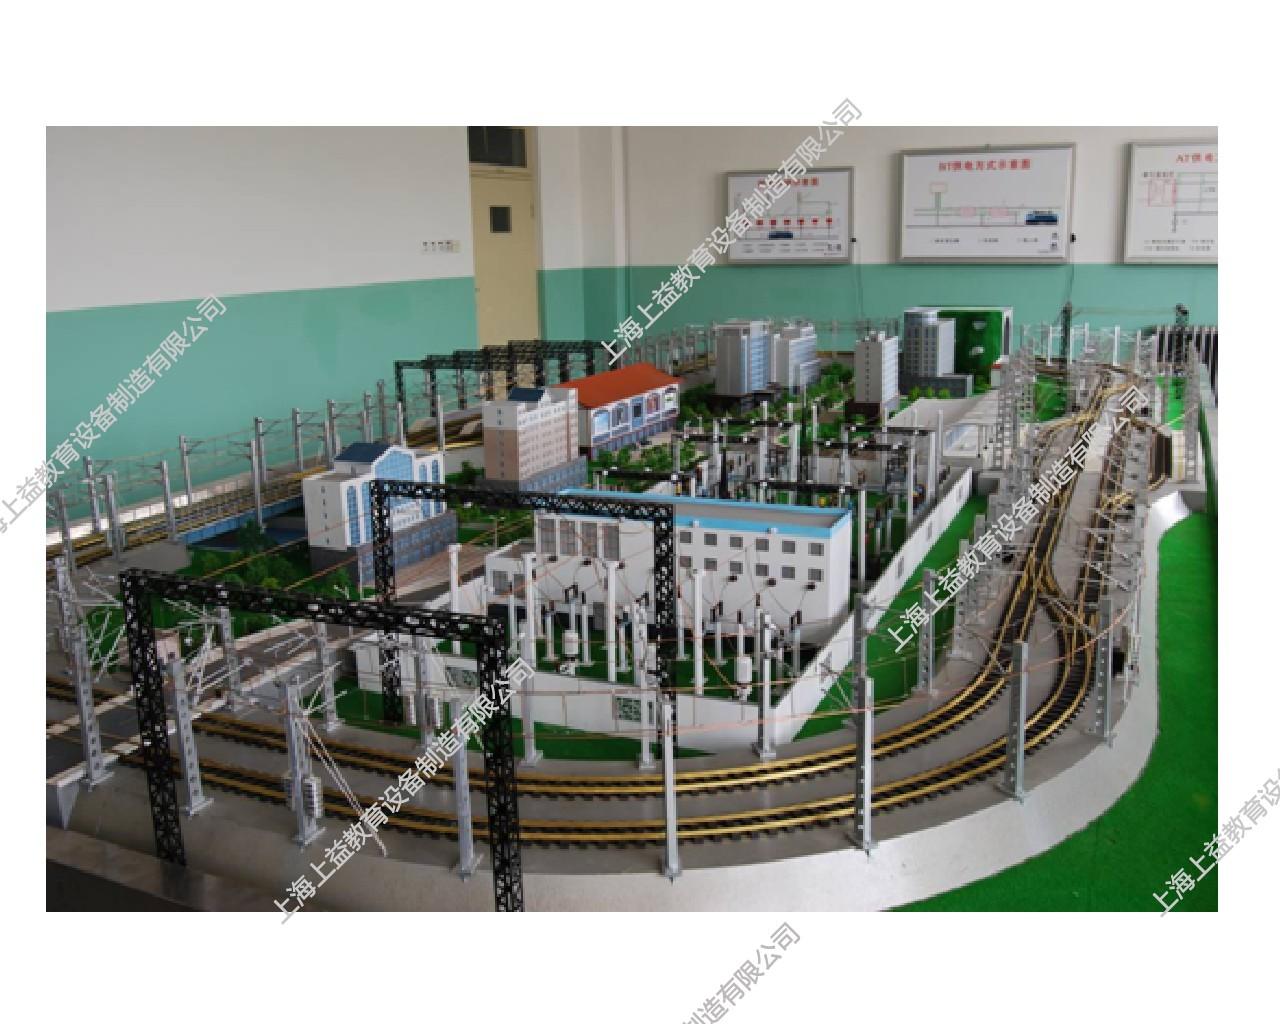 城市轨道交通供电牵引仿真wwwlehu8vip产品